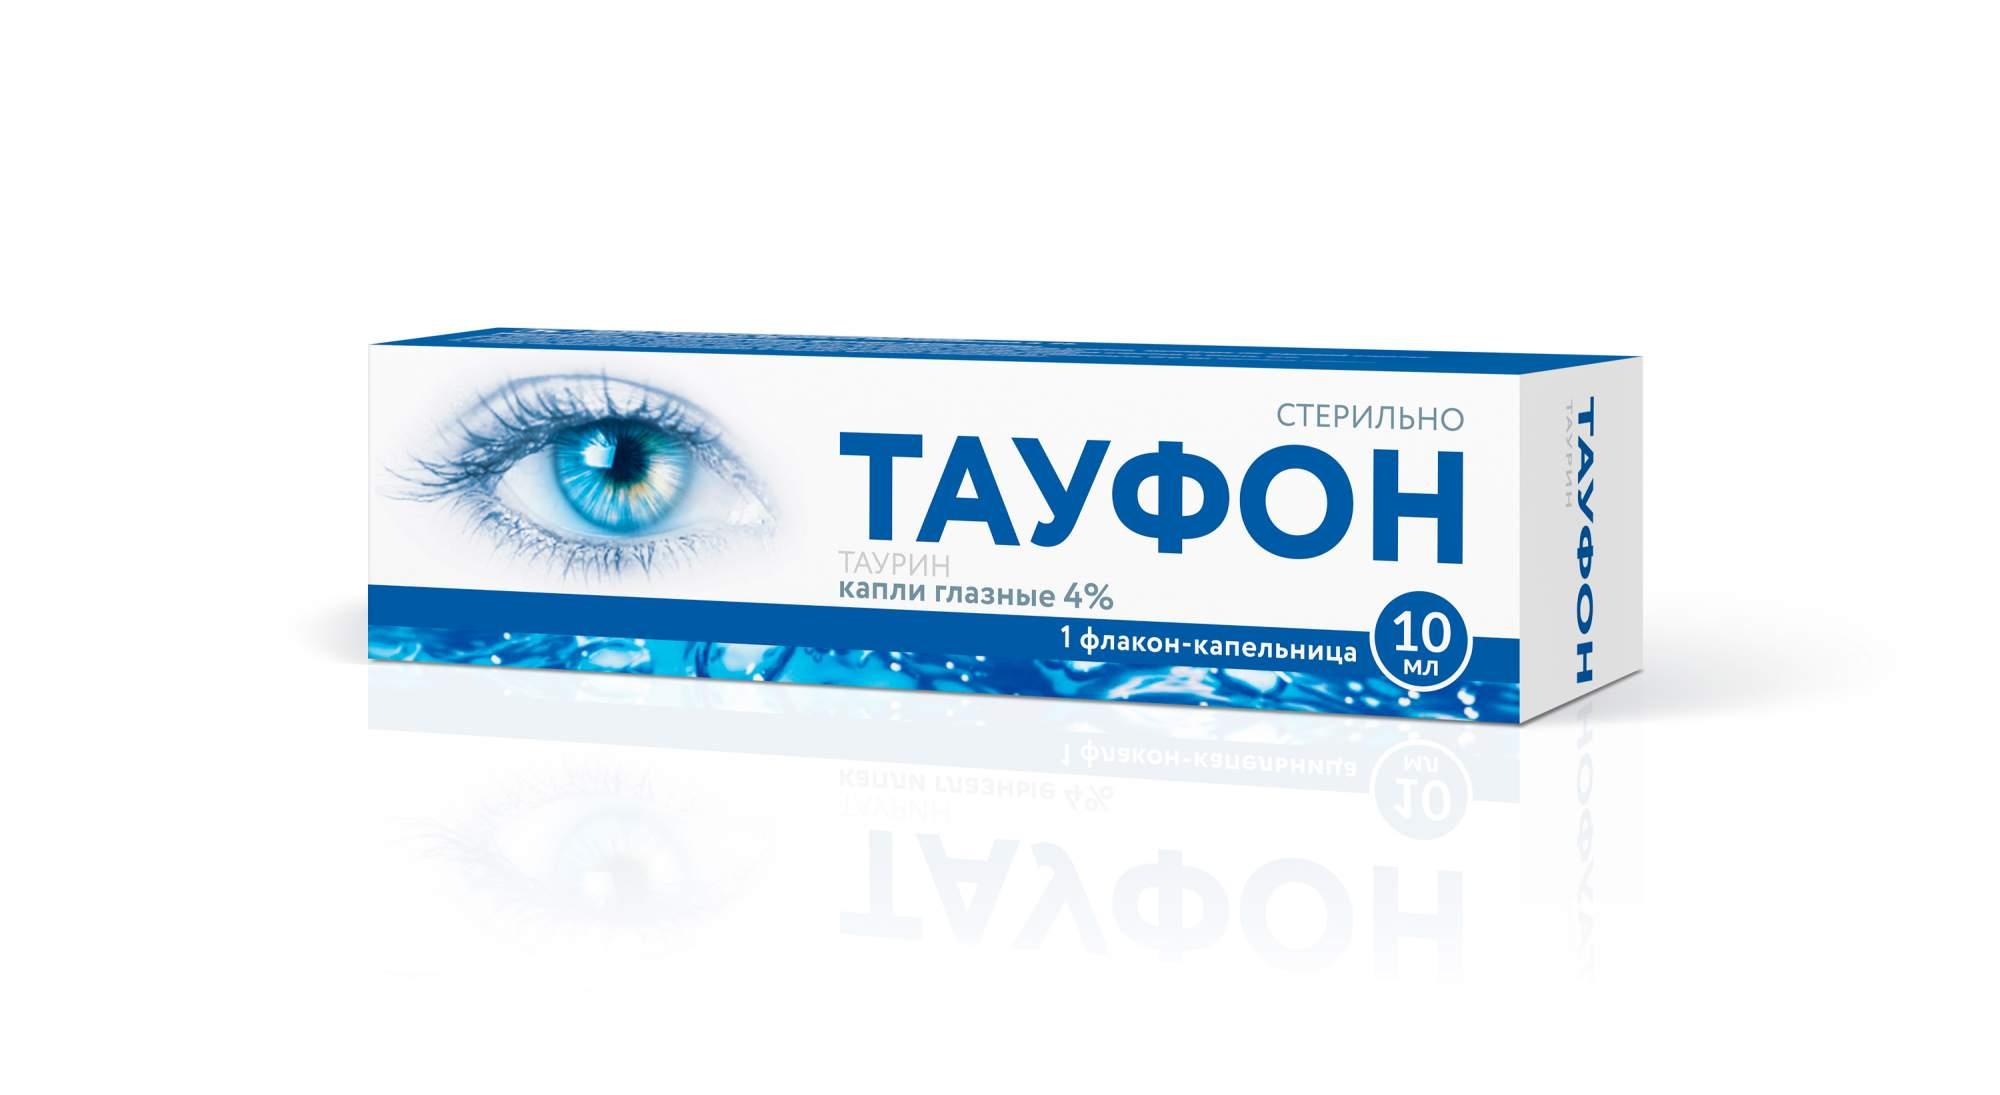 Таурин-диа (капли глазные 4 % 10 мл флакон-капельница) зао диафарм россия инструкция по применения, цены в аптеках екатеринбурга